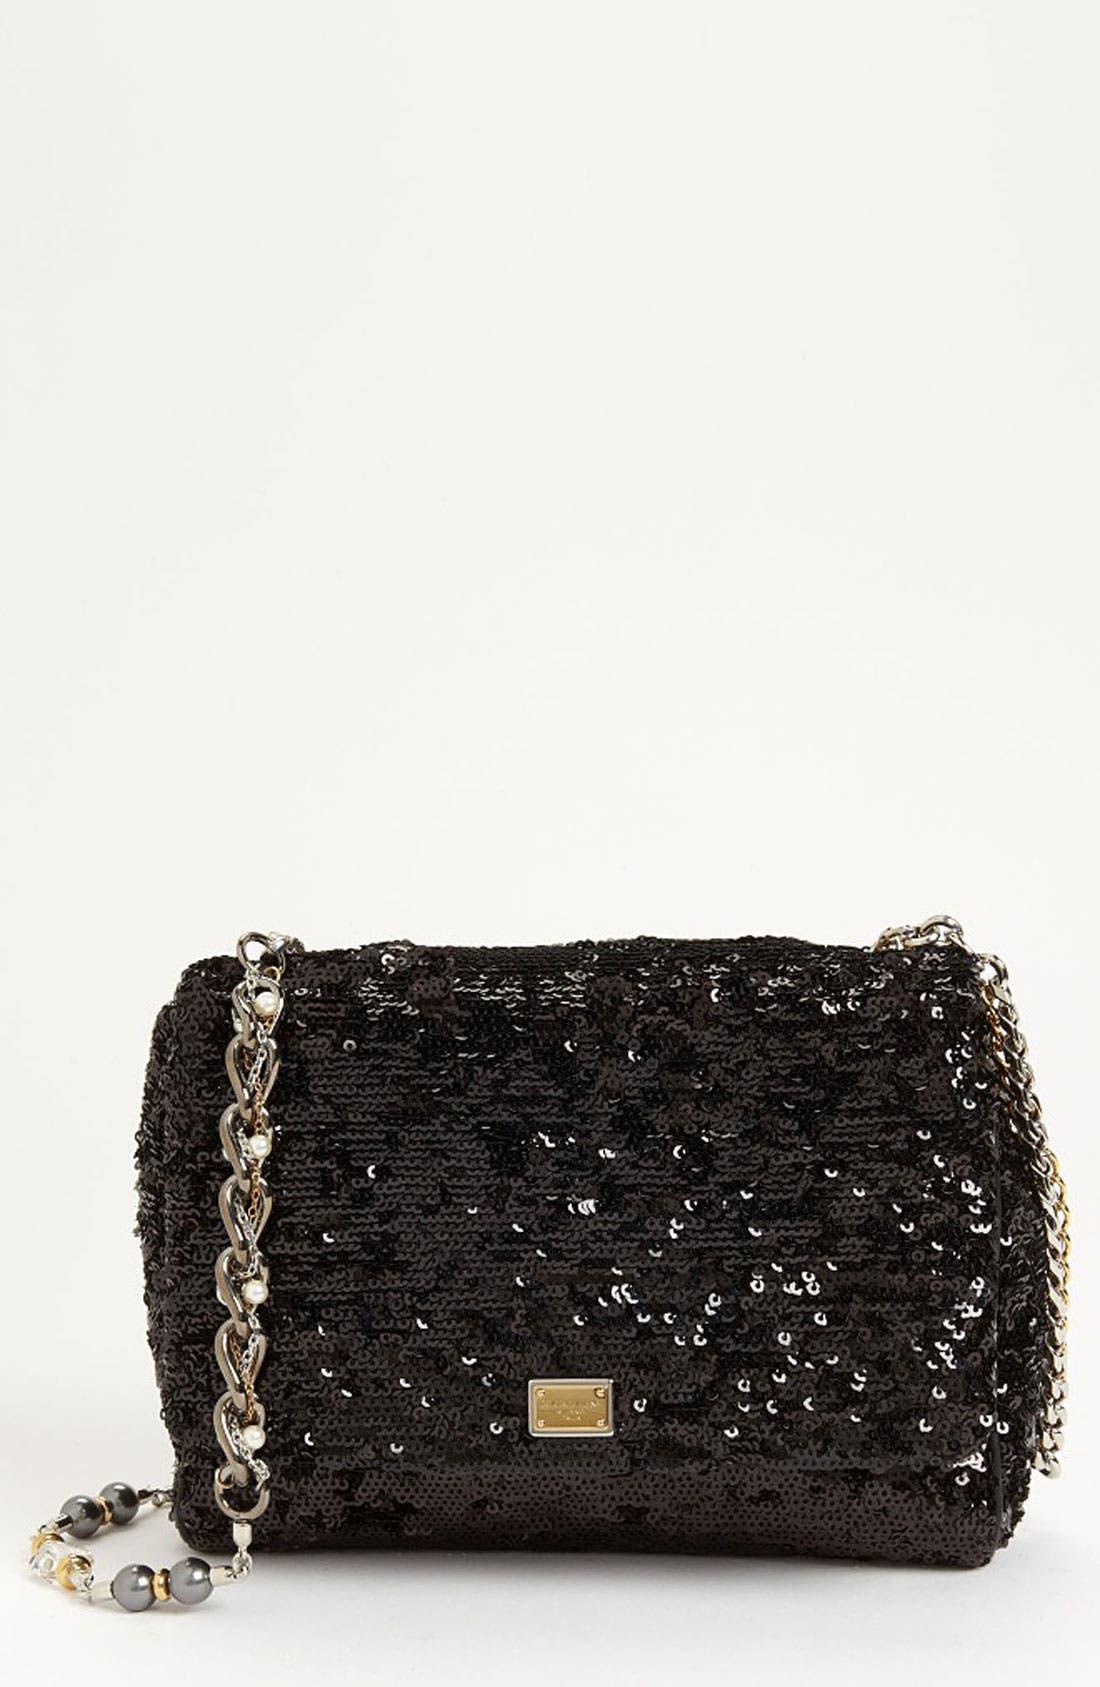 Alternate Image 1 Selected - Dolce&Gabbana 'Miss Charles' Sequin Shoulder Bag